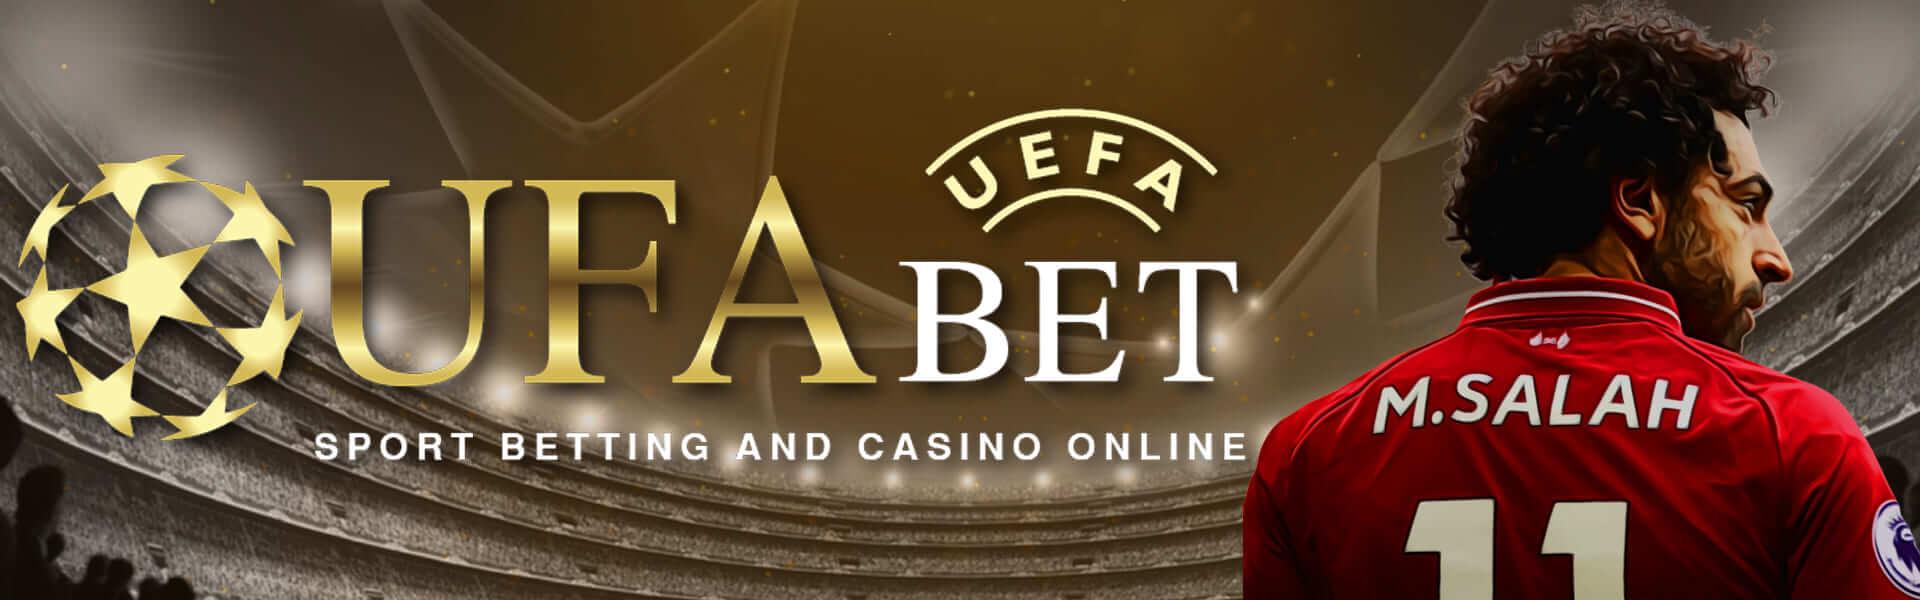 ราคาบอล ufabet เล่นผ่านทางมือถือ ที่ดีที่สุด ในปี 2020